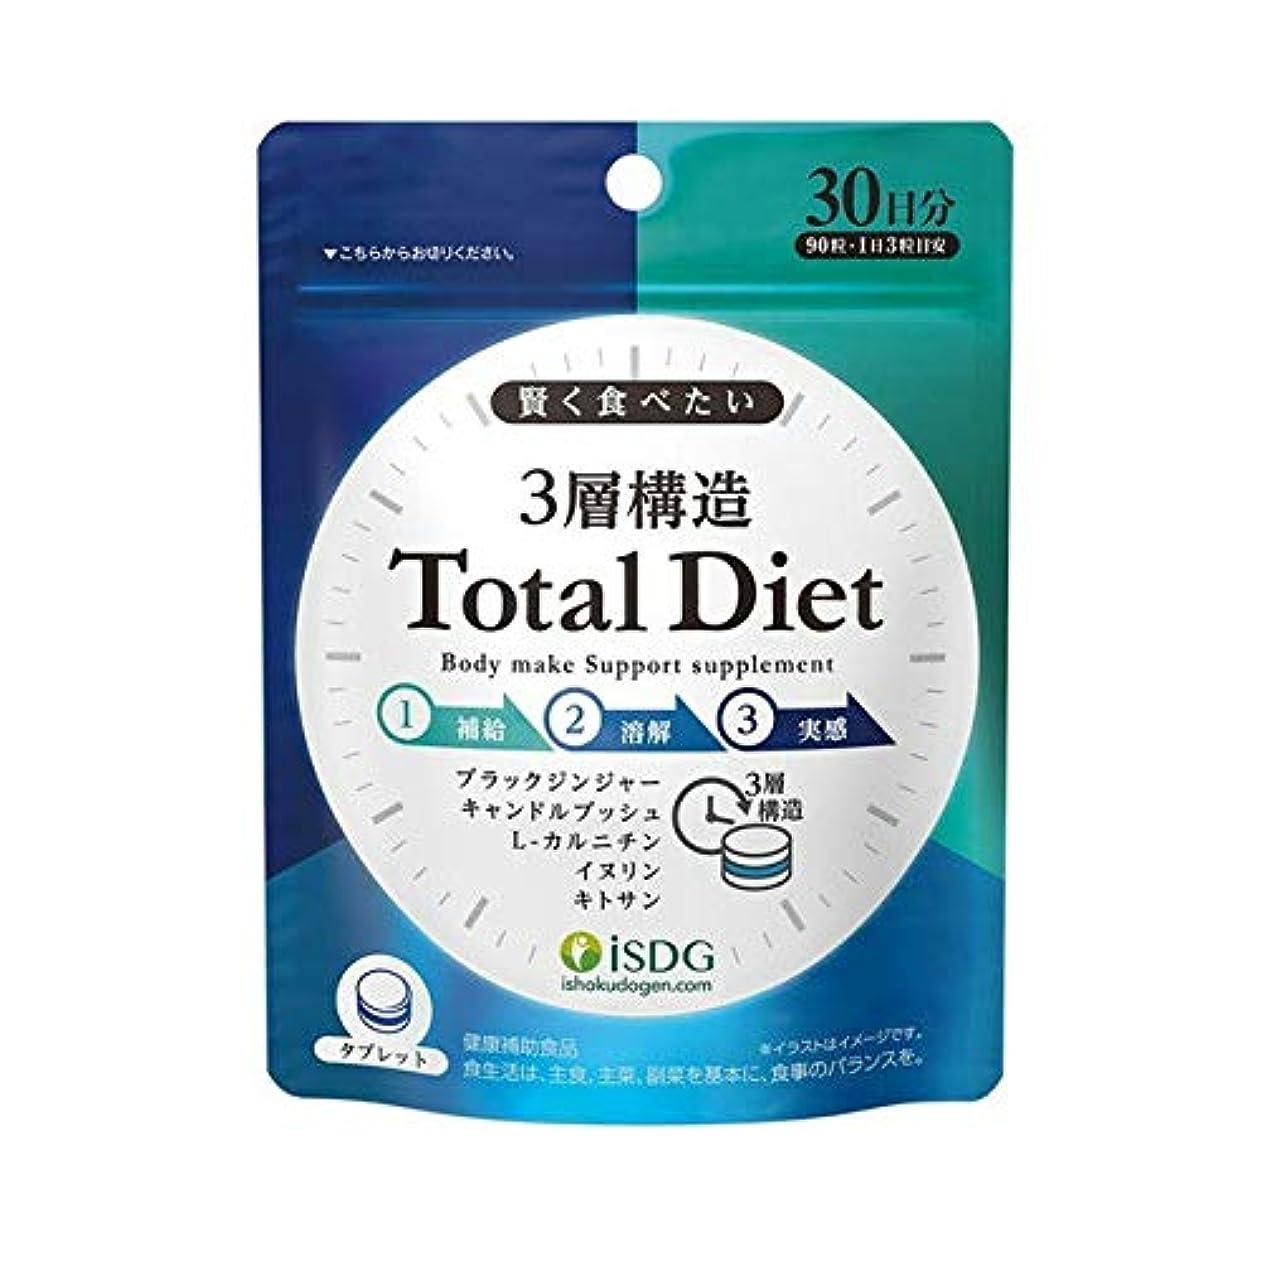 道に迷いました地域怪物医食同源ドットコム ISDG 3層構造 Total Diet 90粒入 トータル ダイエット×5個セット